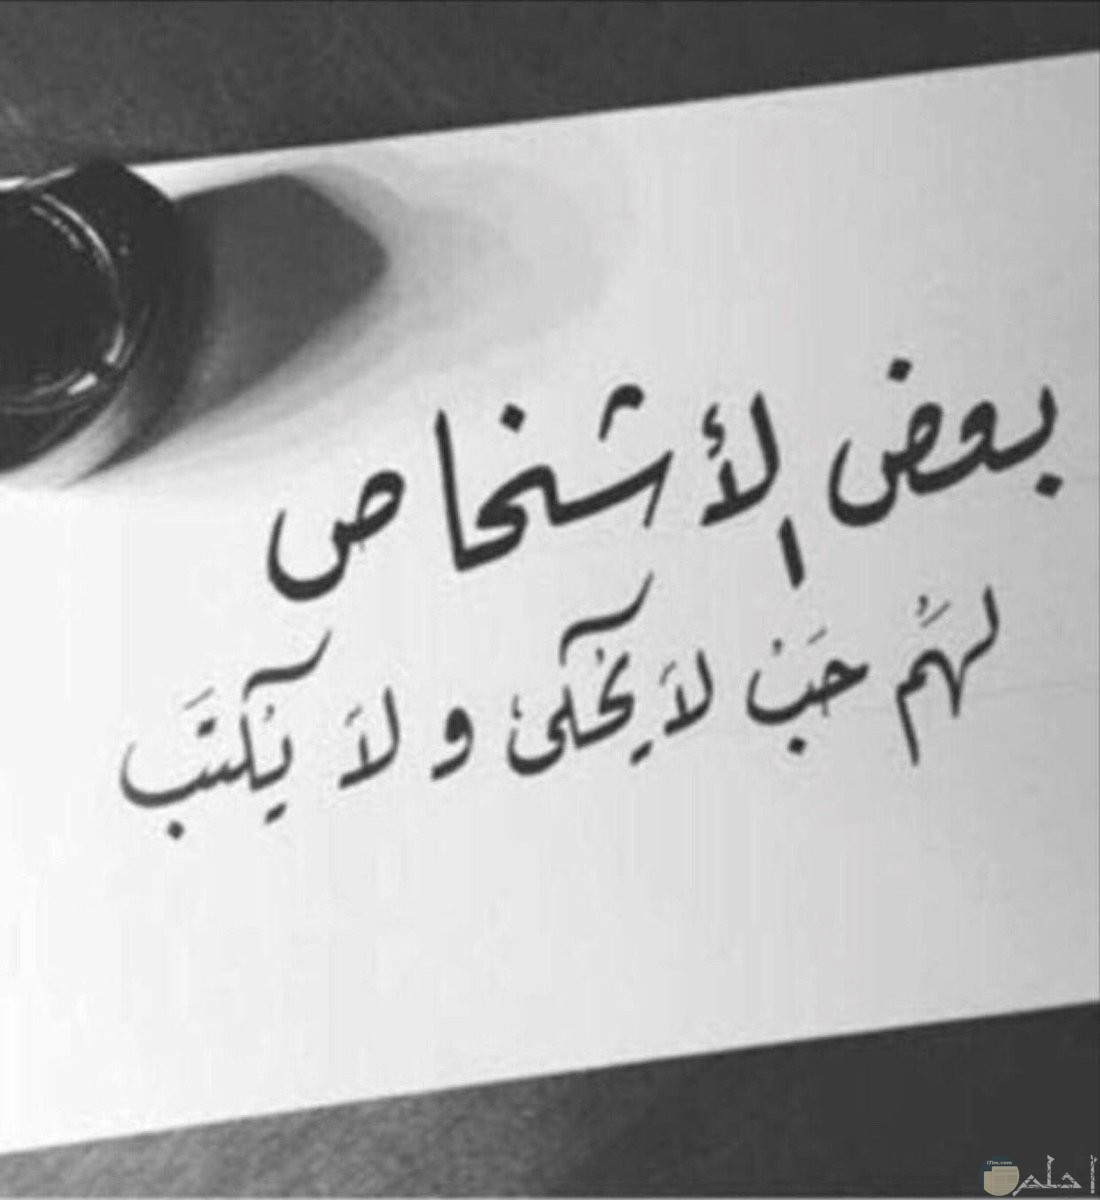 بعض الاشخاص لهم حب لا يحكى ولا يكتب